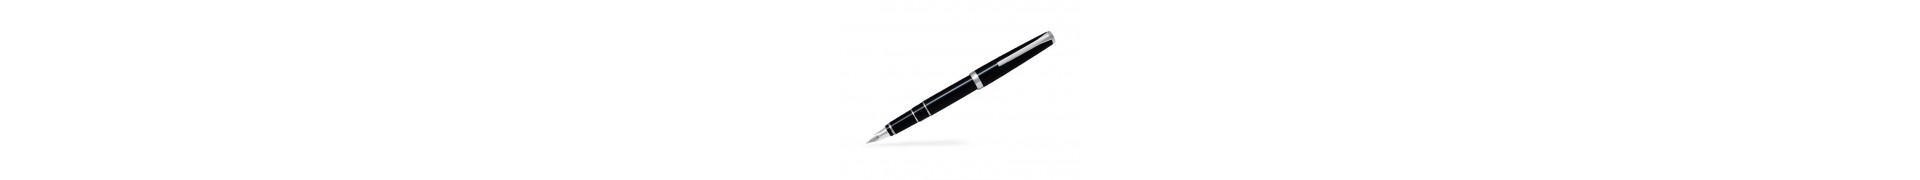 Stylo-plume luxe PILOT Falcon - Haute écriture - Corps noir - Plume moyenne (Or rhodié14kt)